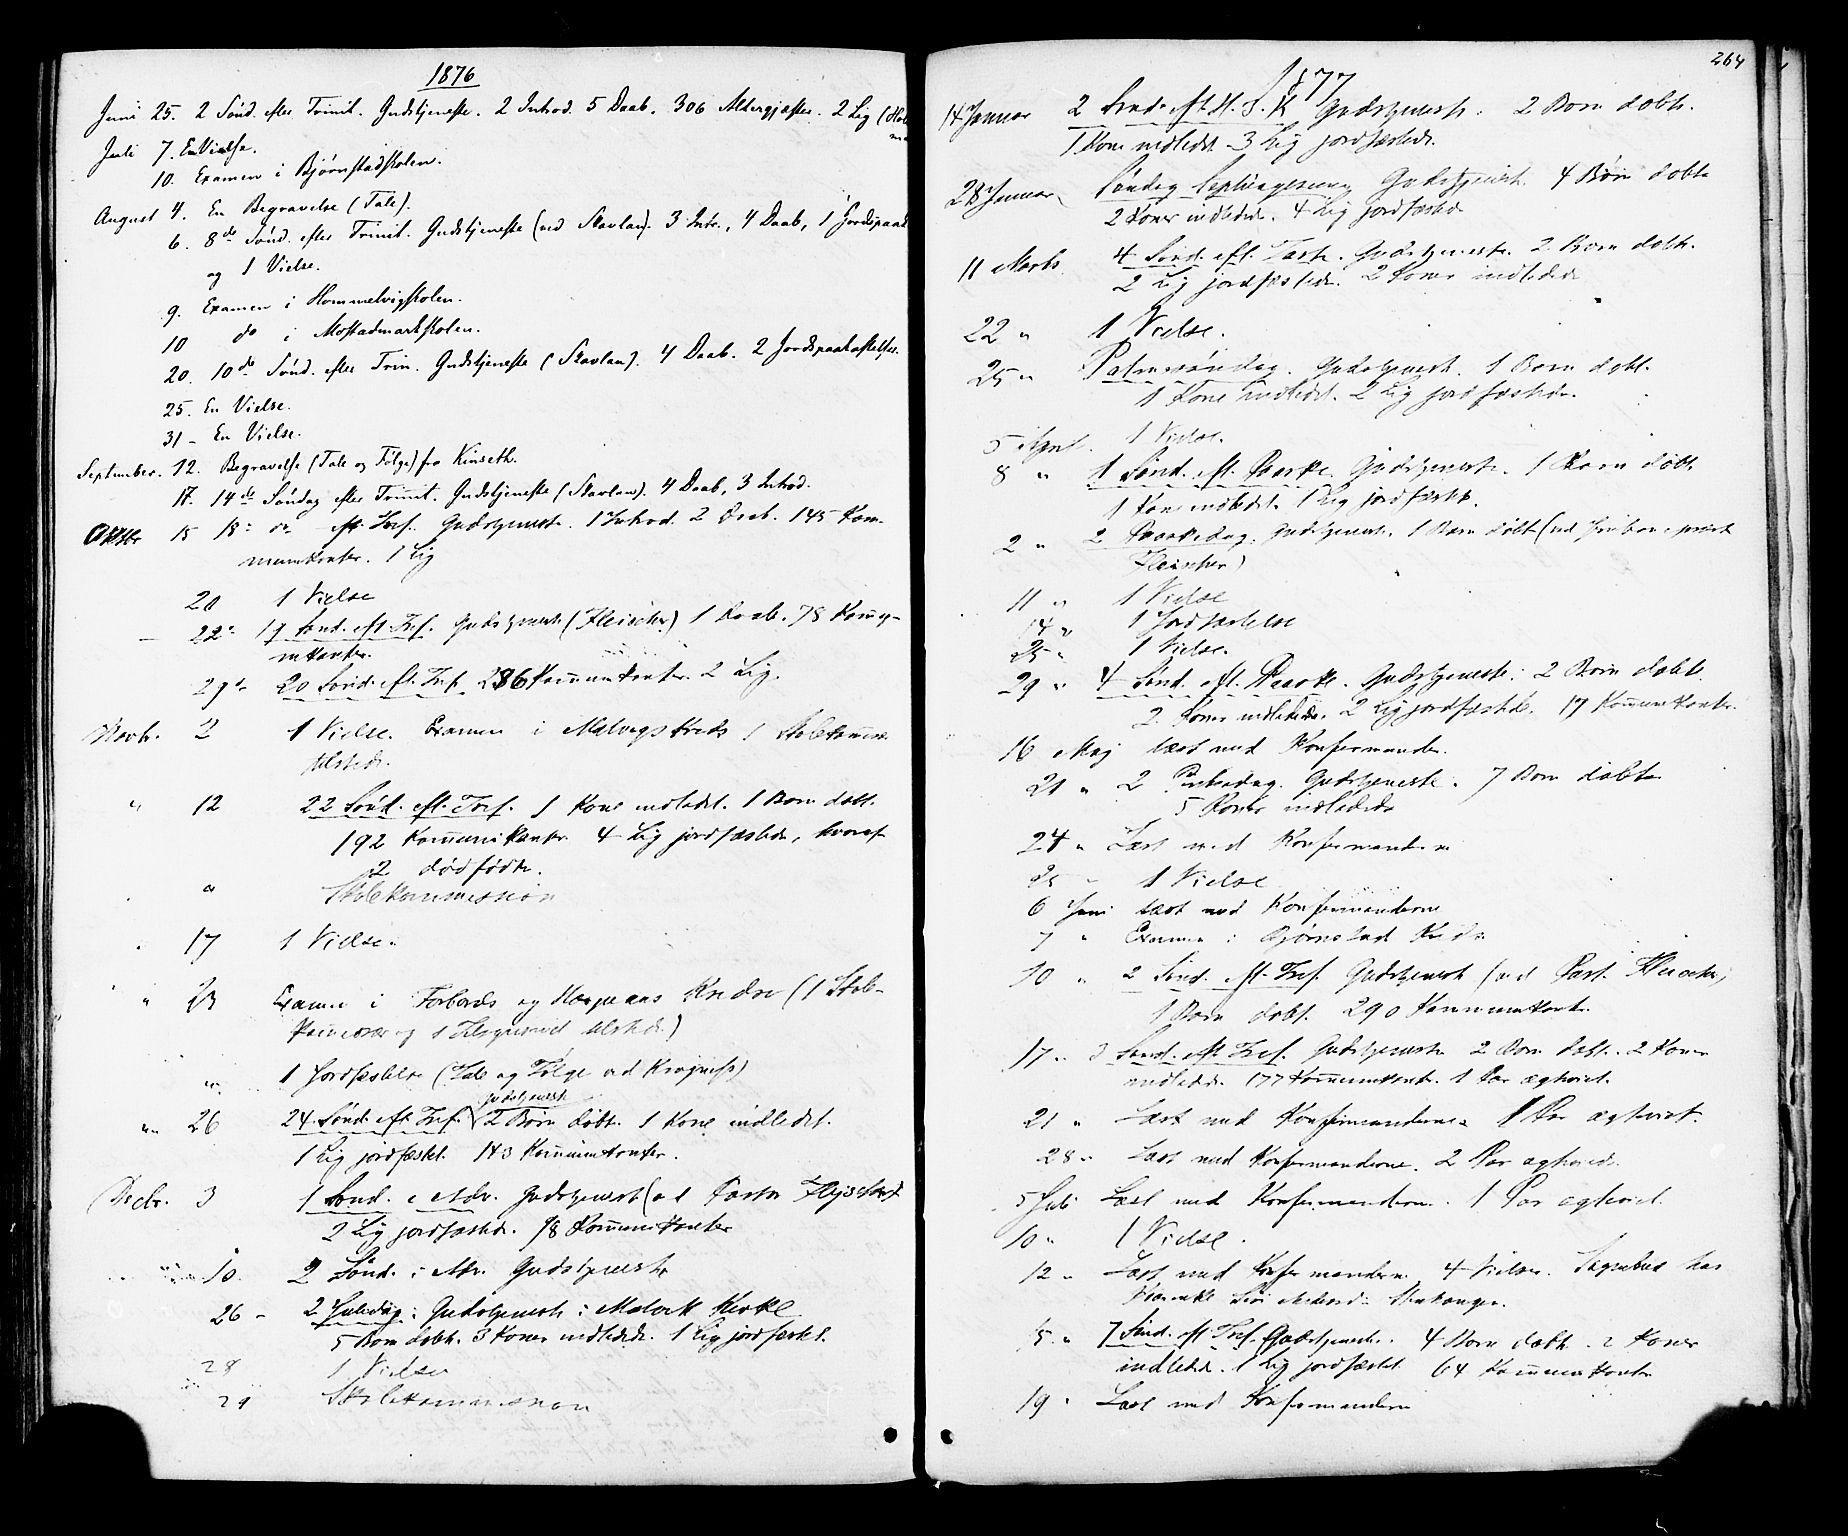 SAT, Ministerialprotokoller, klokkerbøker og fødselsregistre - Sør-Trøndelag, 616/L0409: Ministerialbok nr. 616A06, 1865-1877, s. 264